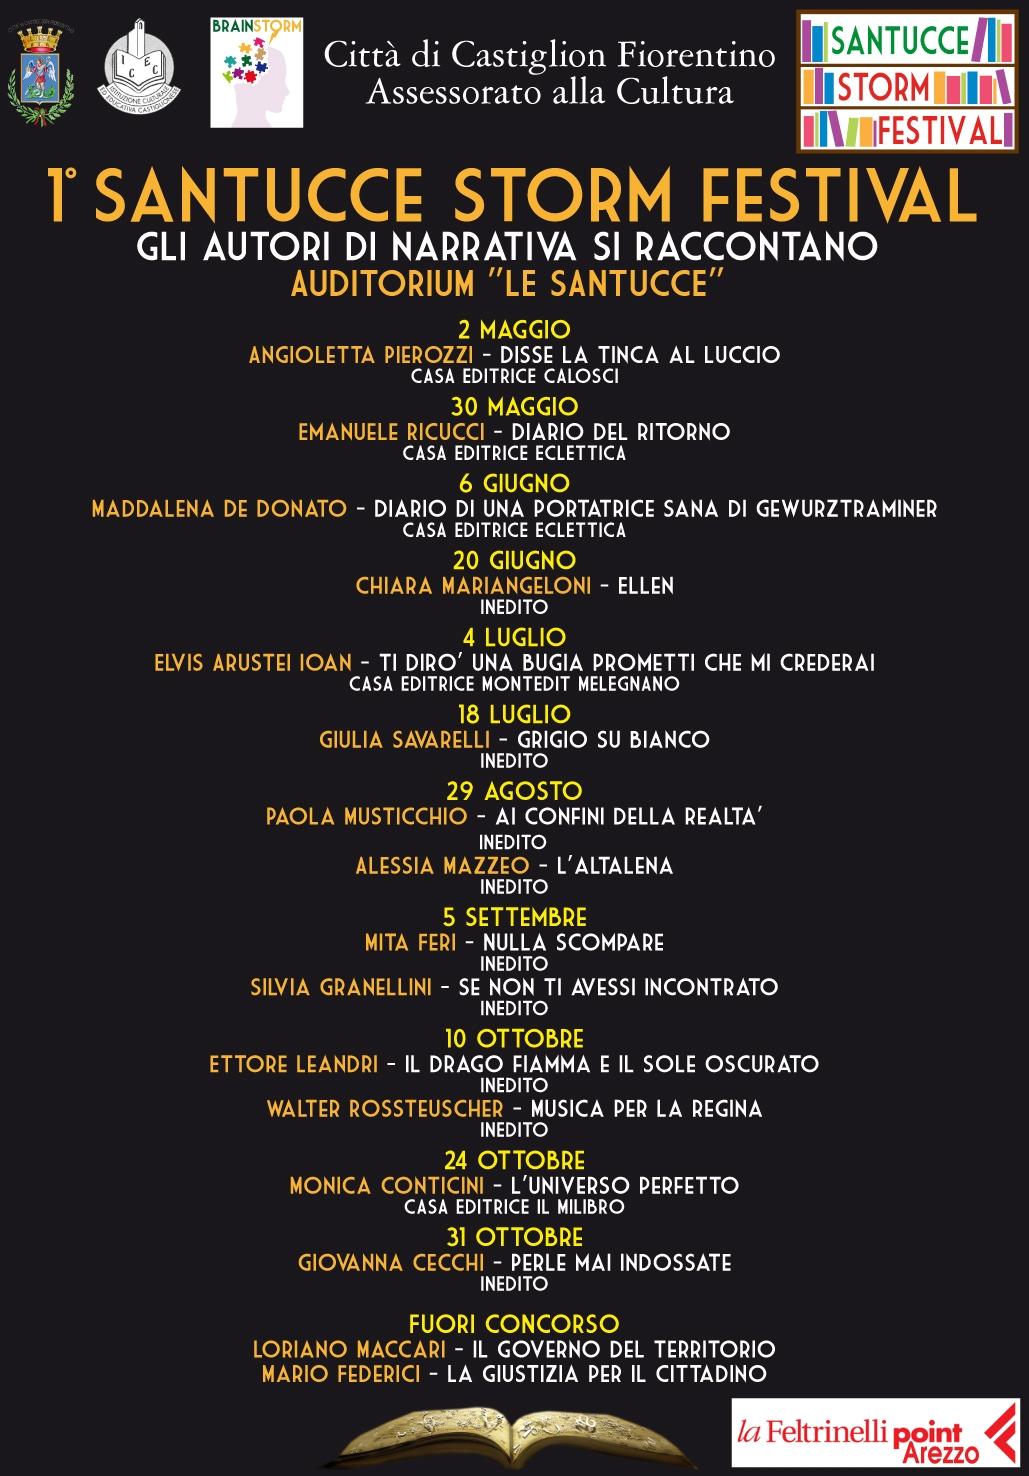 Santucce Storm Festival: cultura e creatività protagoniste a Castiglion Fiorentino